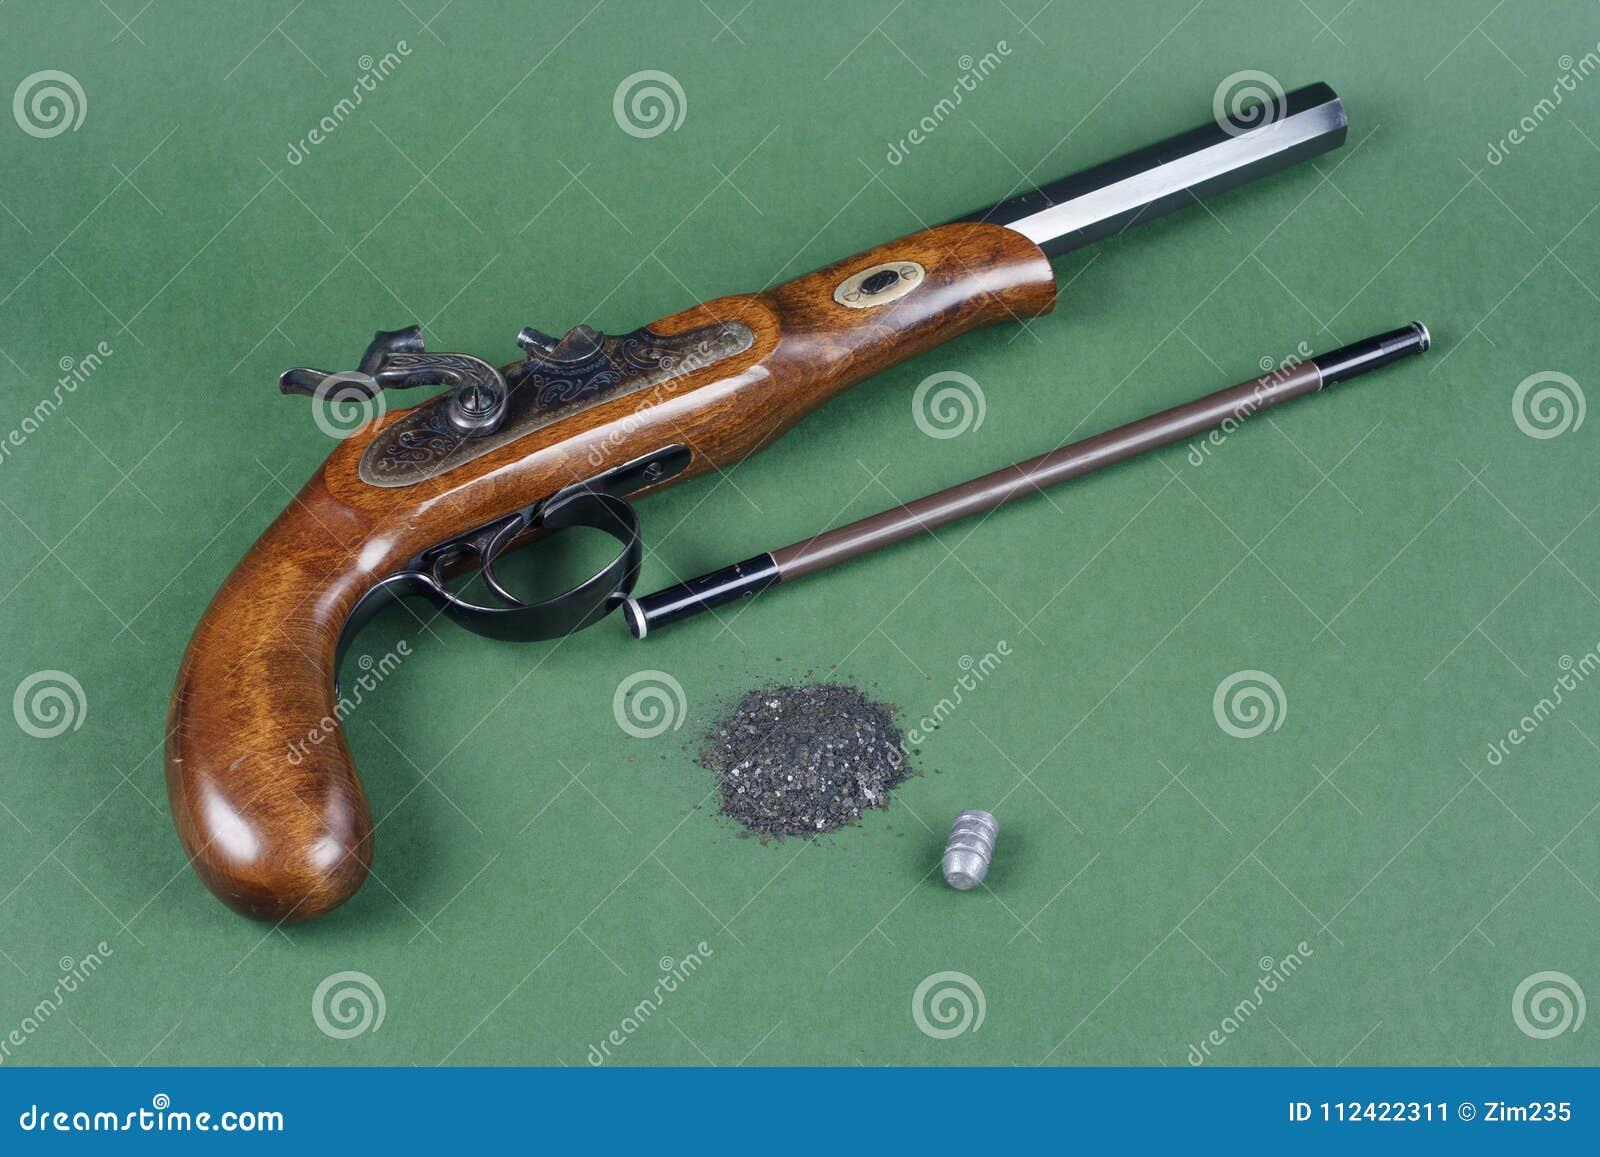 El Aventurero Fijó - La Pistola Con Un Accesorio En Verde Imagen de ... 54d015cffb4